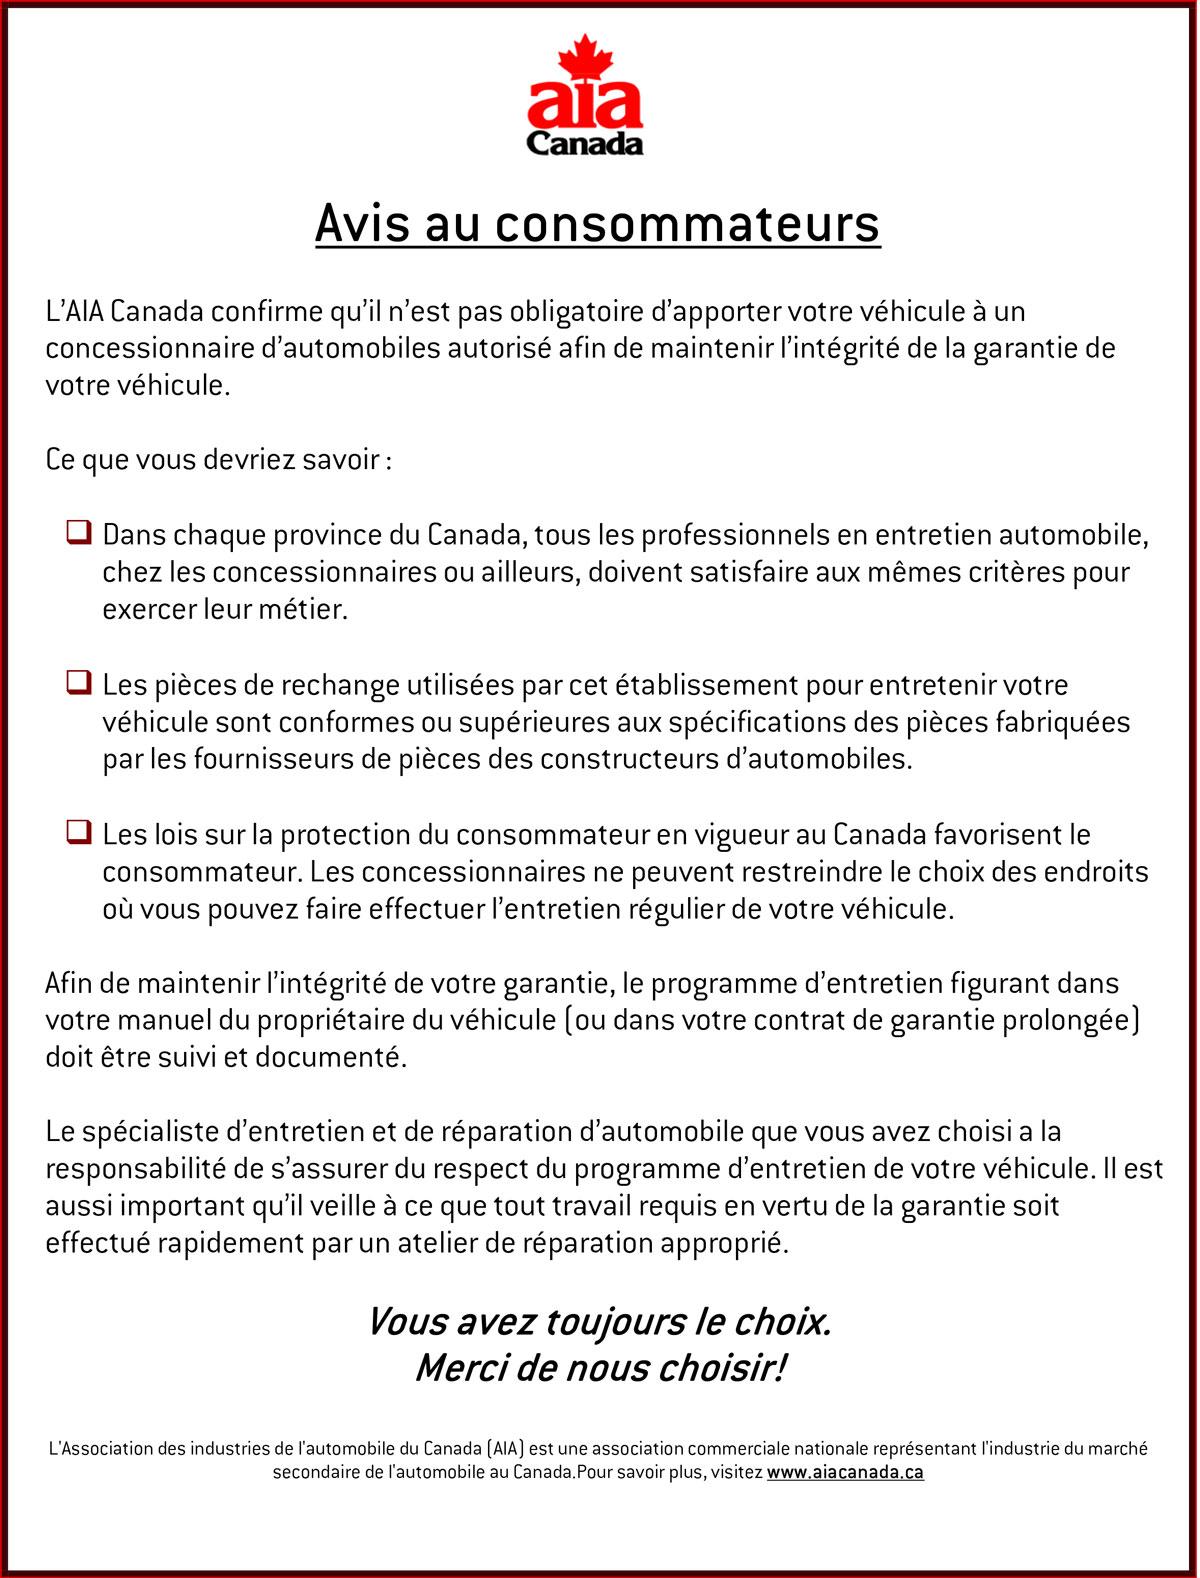 M canique g n rale alma saguenay lac saint jean - Vente privee avis consommateur ...